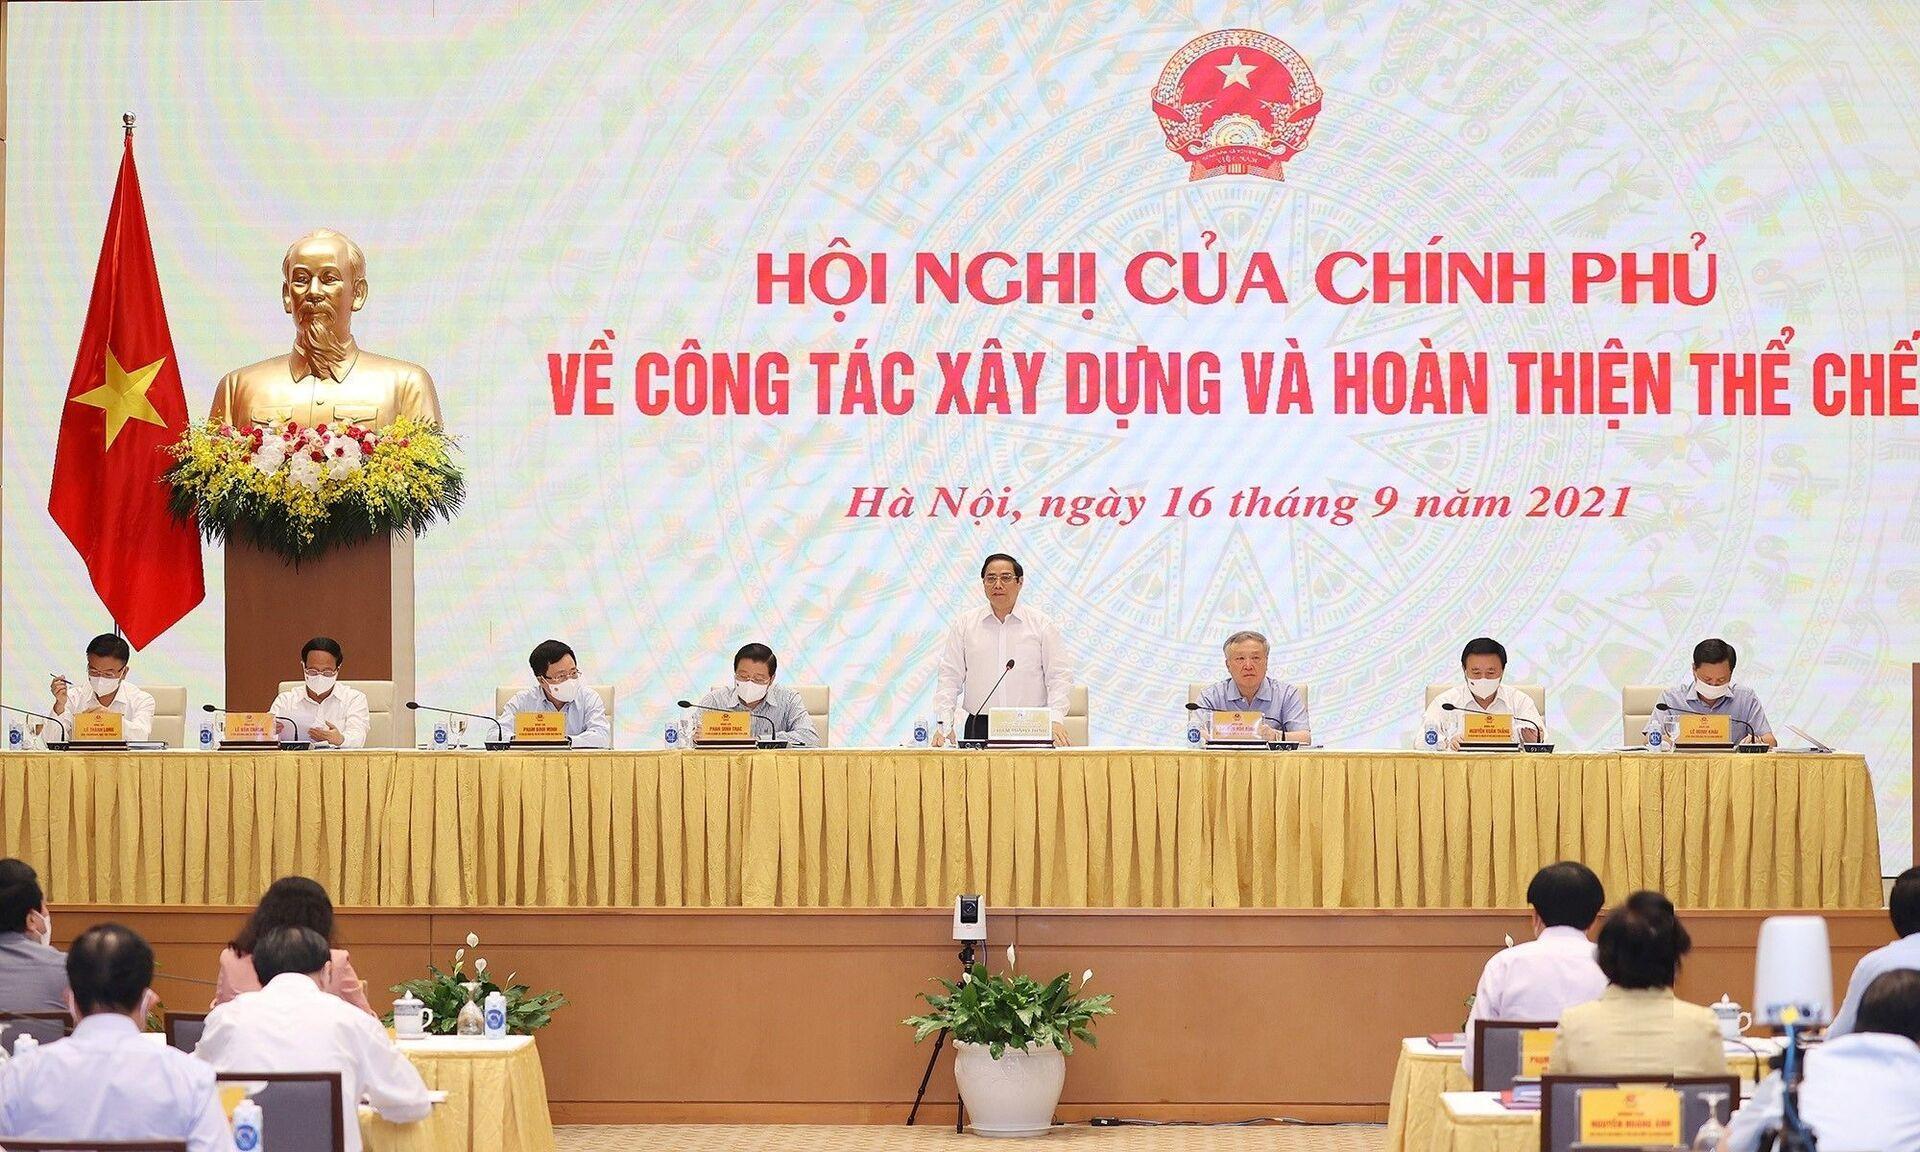 Thủ tướng Phạm Minh Chính chủ trì hội nghị - Sputnik Việt Nam, 1920, 05.10.2021